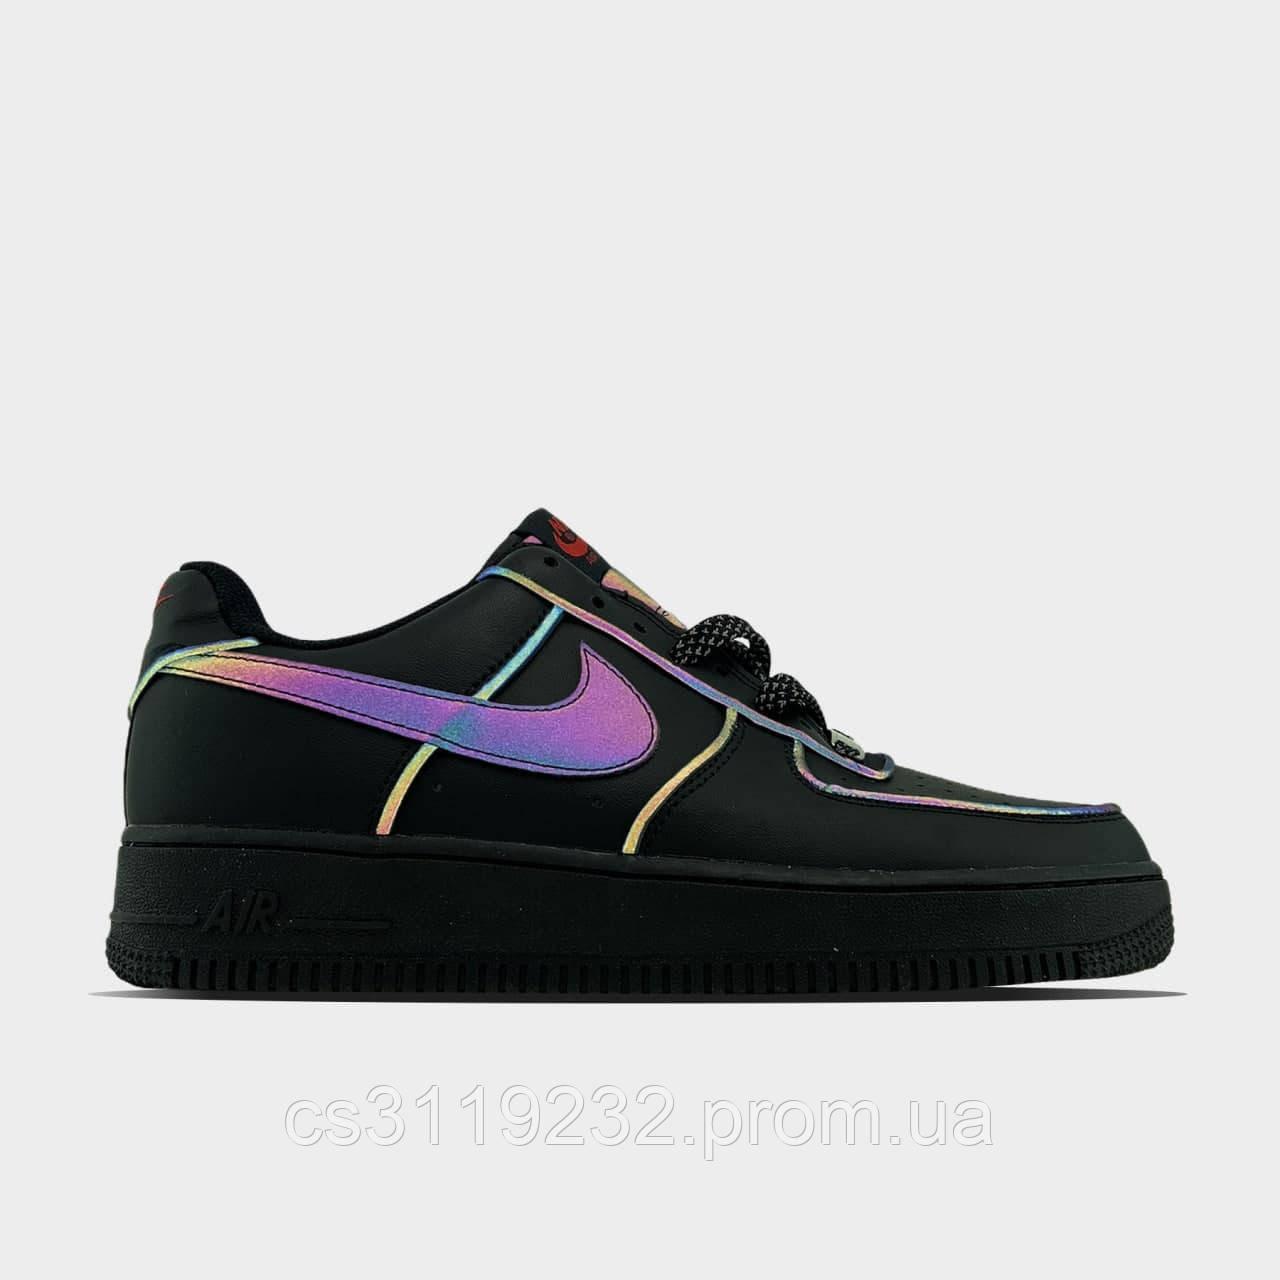 Чоловічі кросівки Nike Air Force рефлектив (чорні)